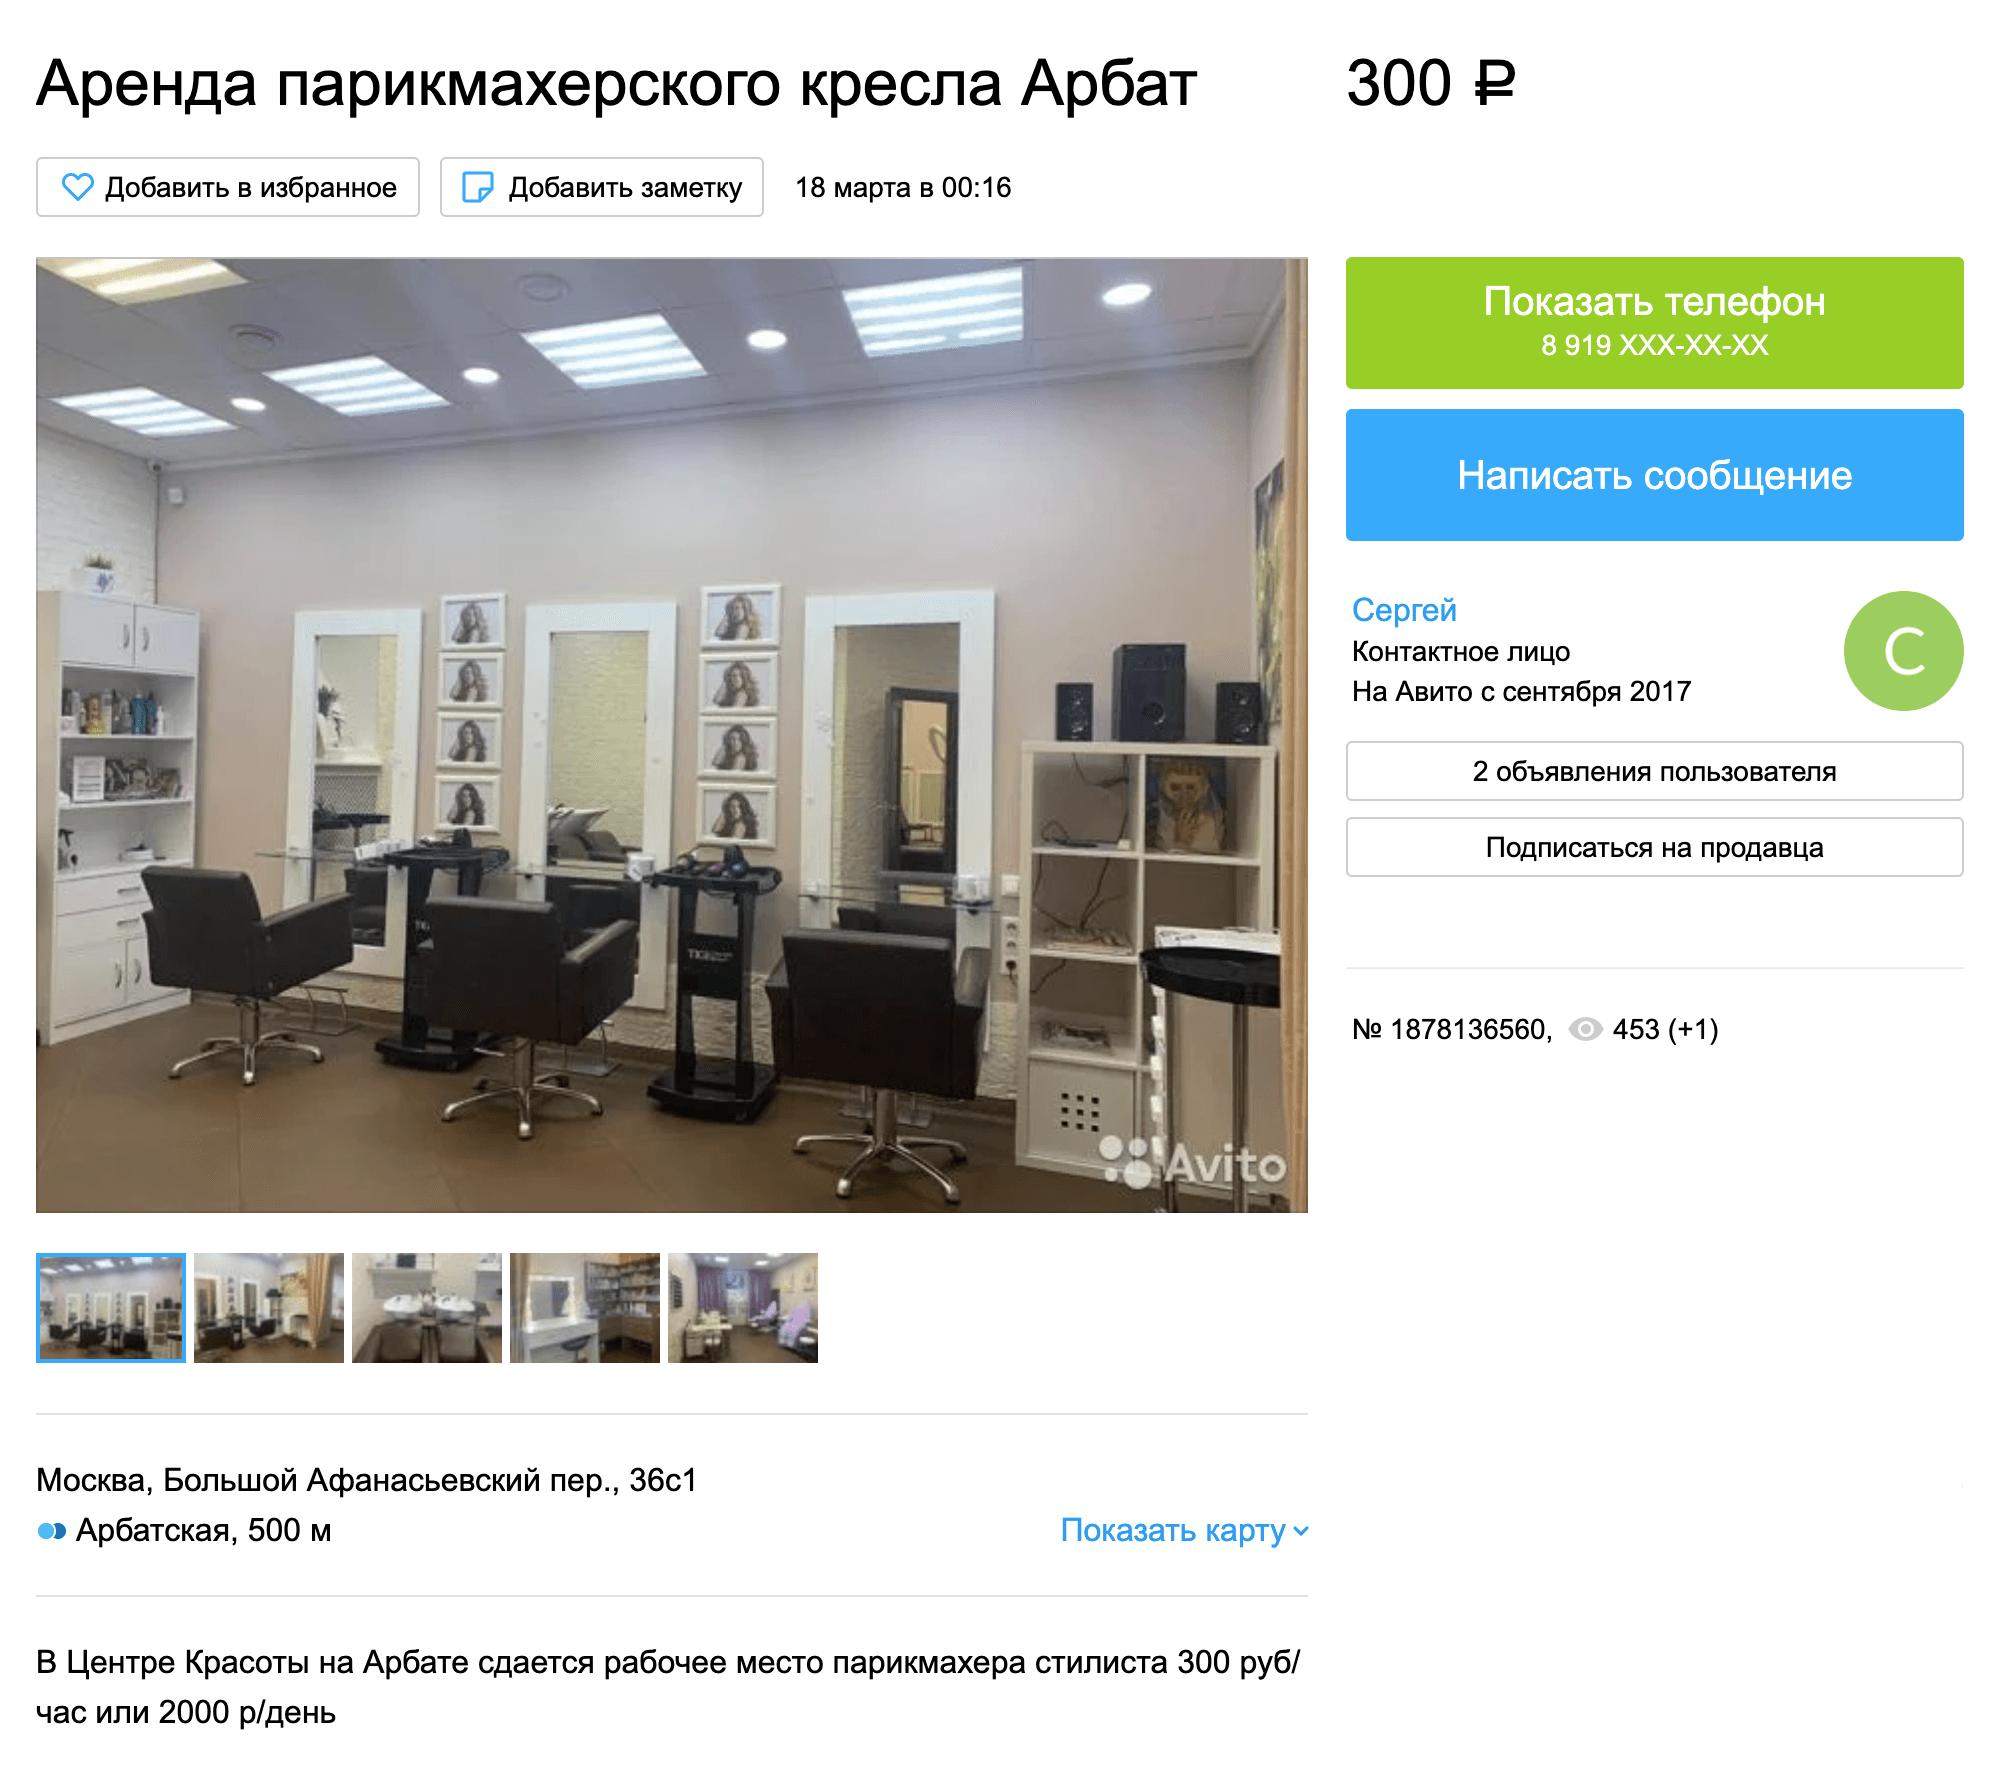 Пример объявления об аренде кресла